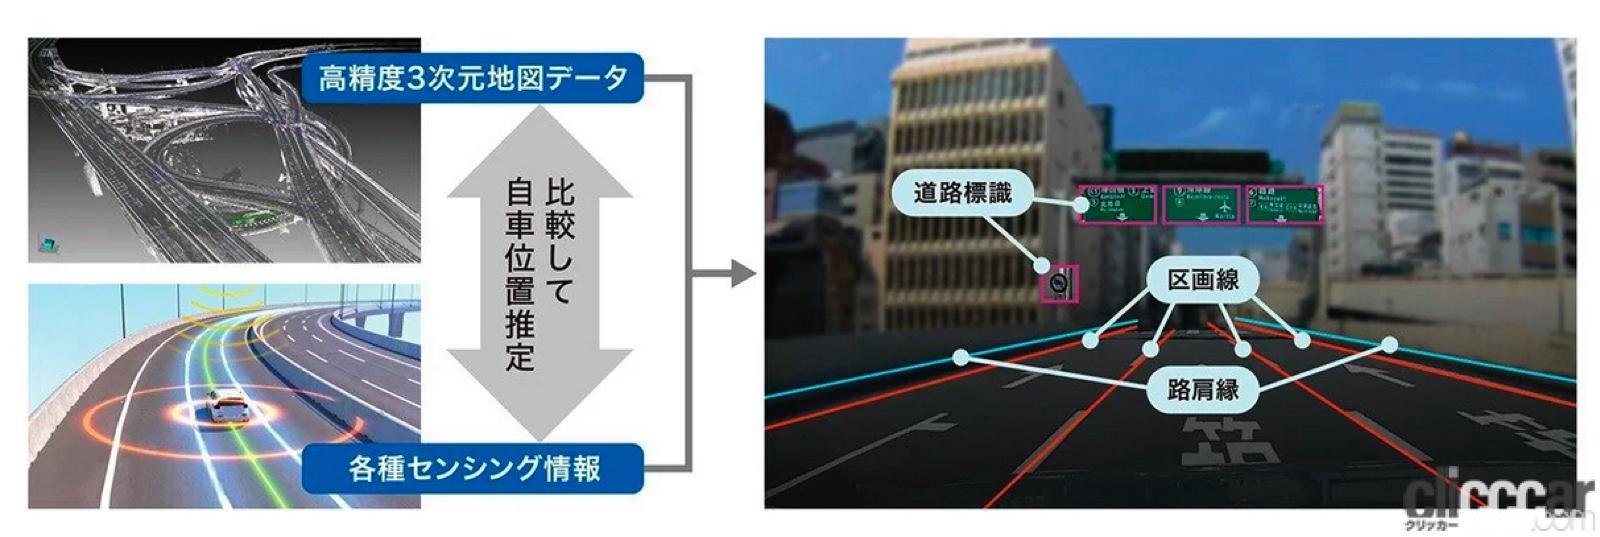 「清水和夫が解説!日本が進める「自動運転の今」はどんな技術で、どう使うのか?【SIP第2期 自動運転 中間成果発表会】」の5枚目の画像